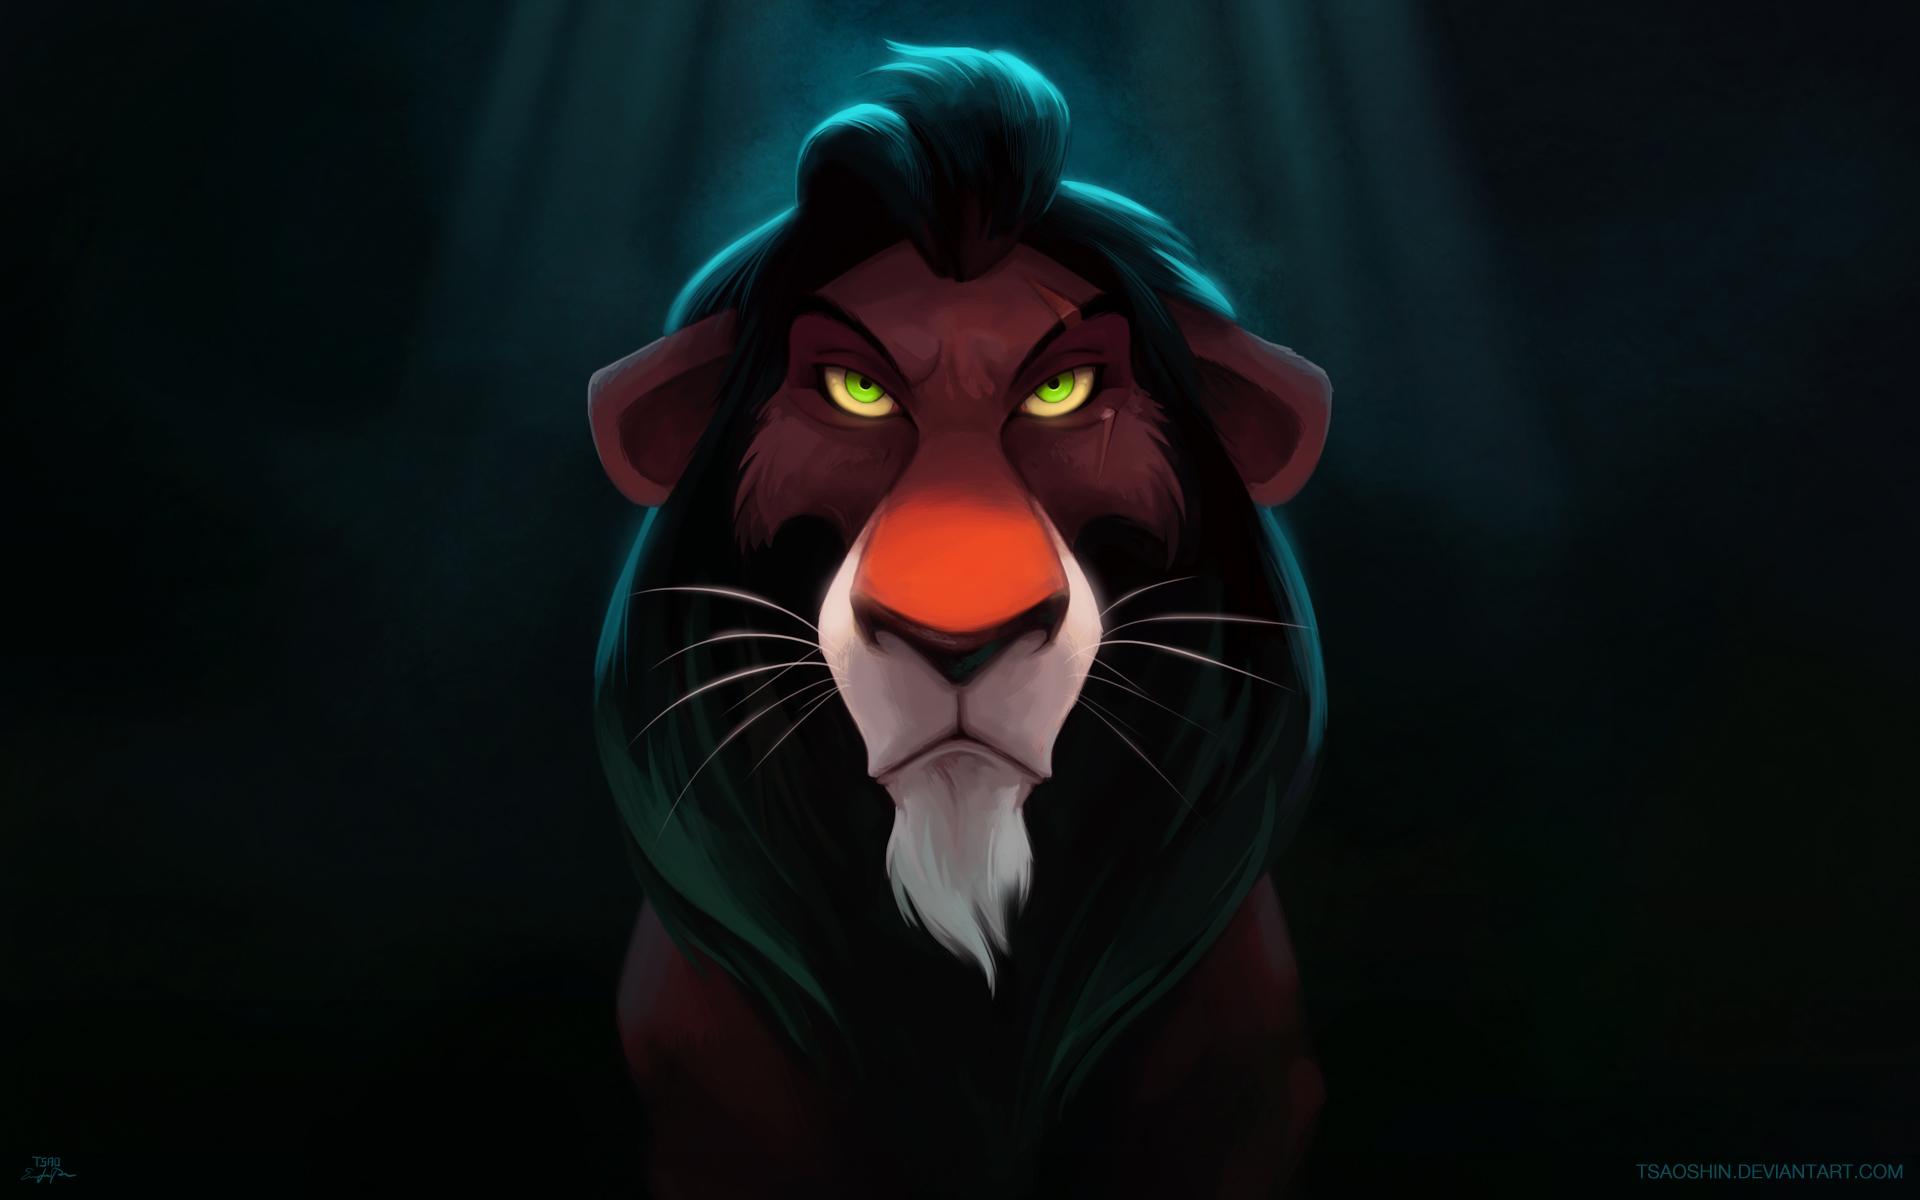 Scar the lion king hd wallpaper - Lion king wallpaper ...